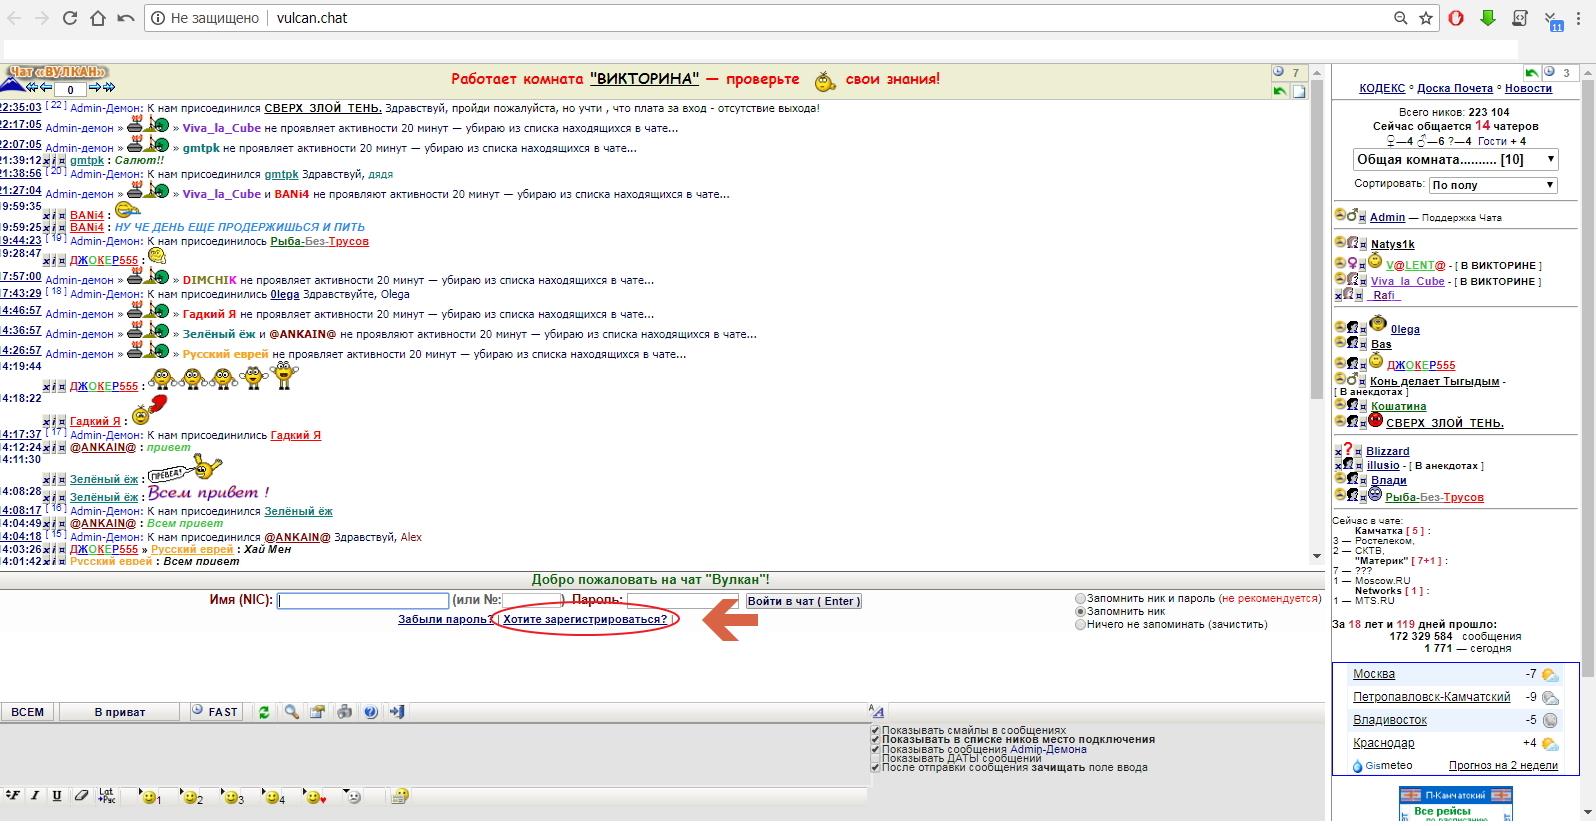 На официальной странице чата нажимаем на ссылку «Хотите зарегистрироваться?»